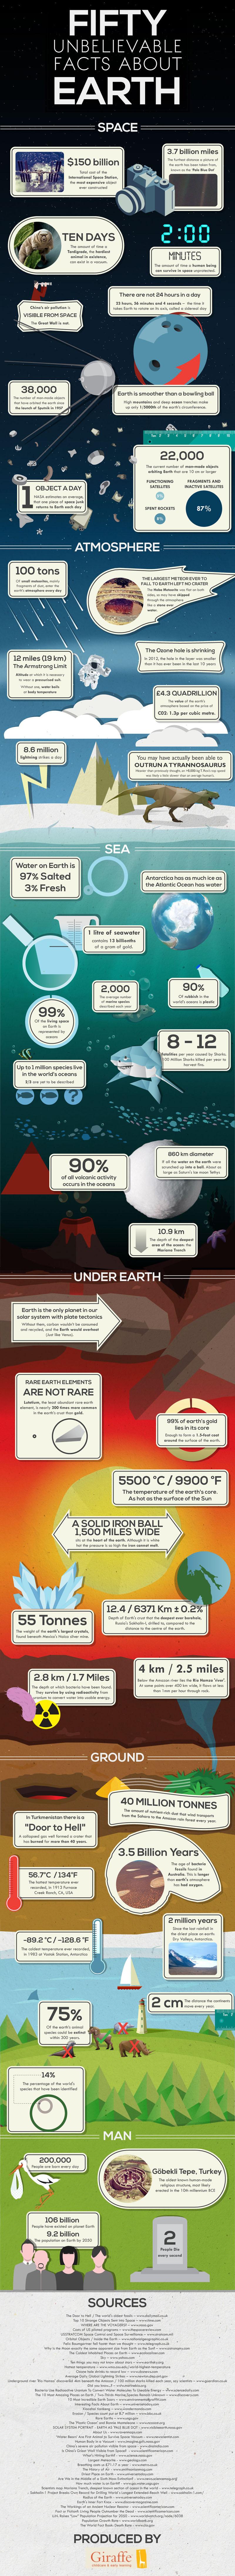 حقائق مذهلة حول كوكب الأورض